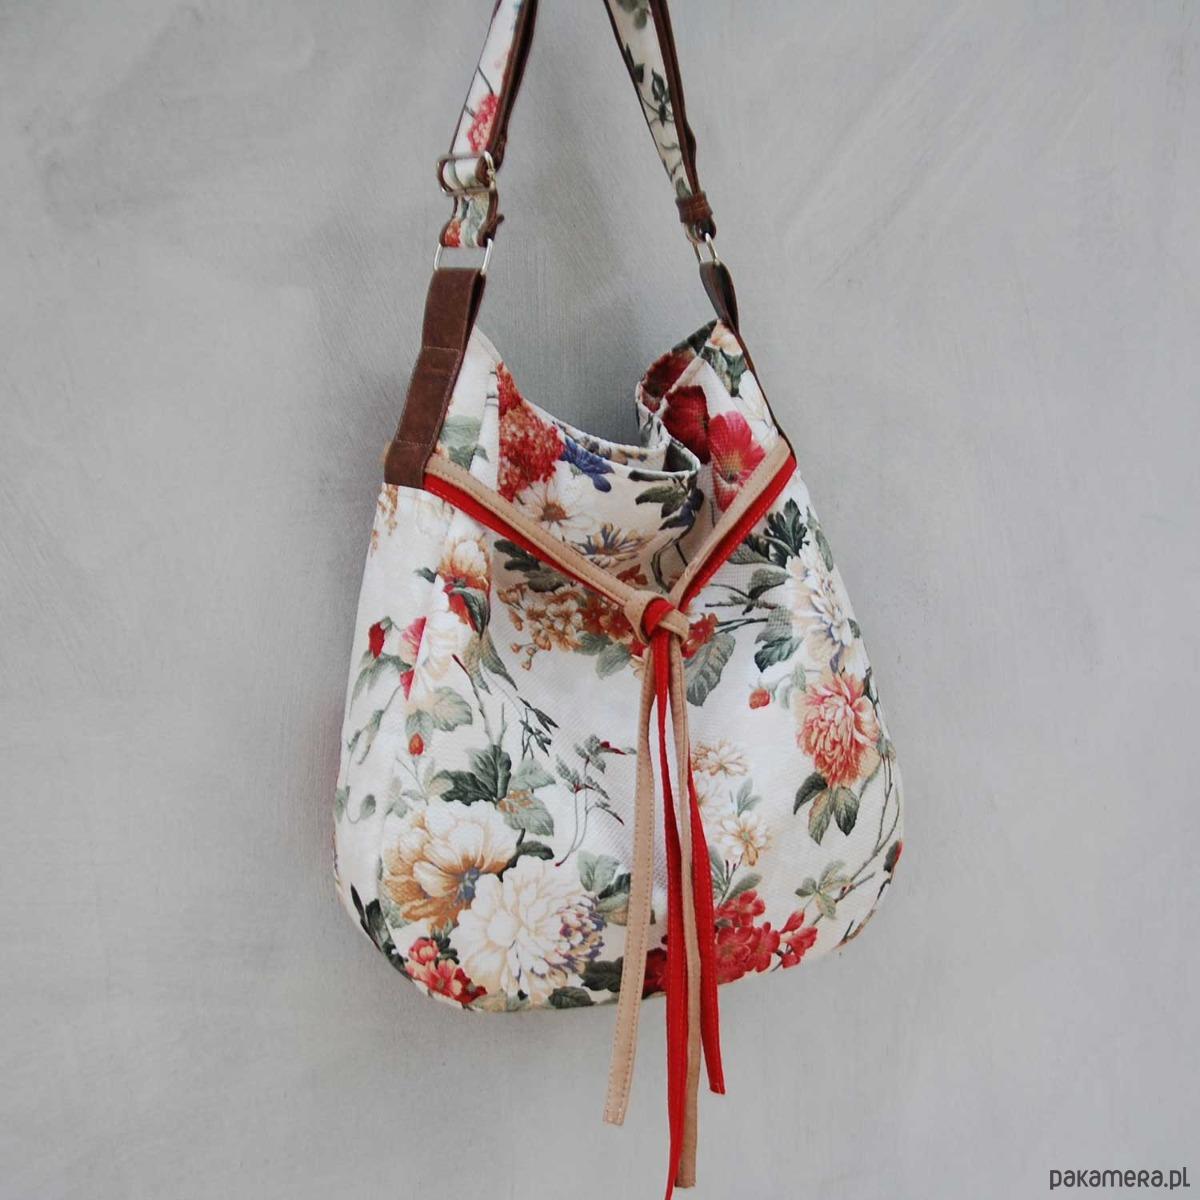 06d90681b5f0b SIMPLY BAG - duża torba worek - kwiaty - torby na ramię - damskie -  Pakamera.pl